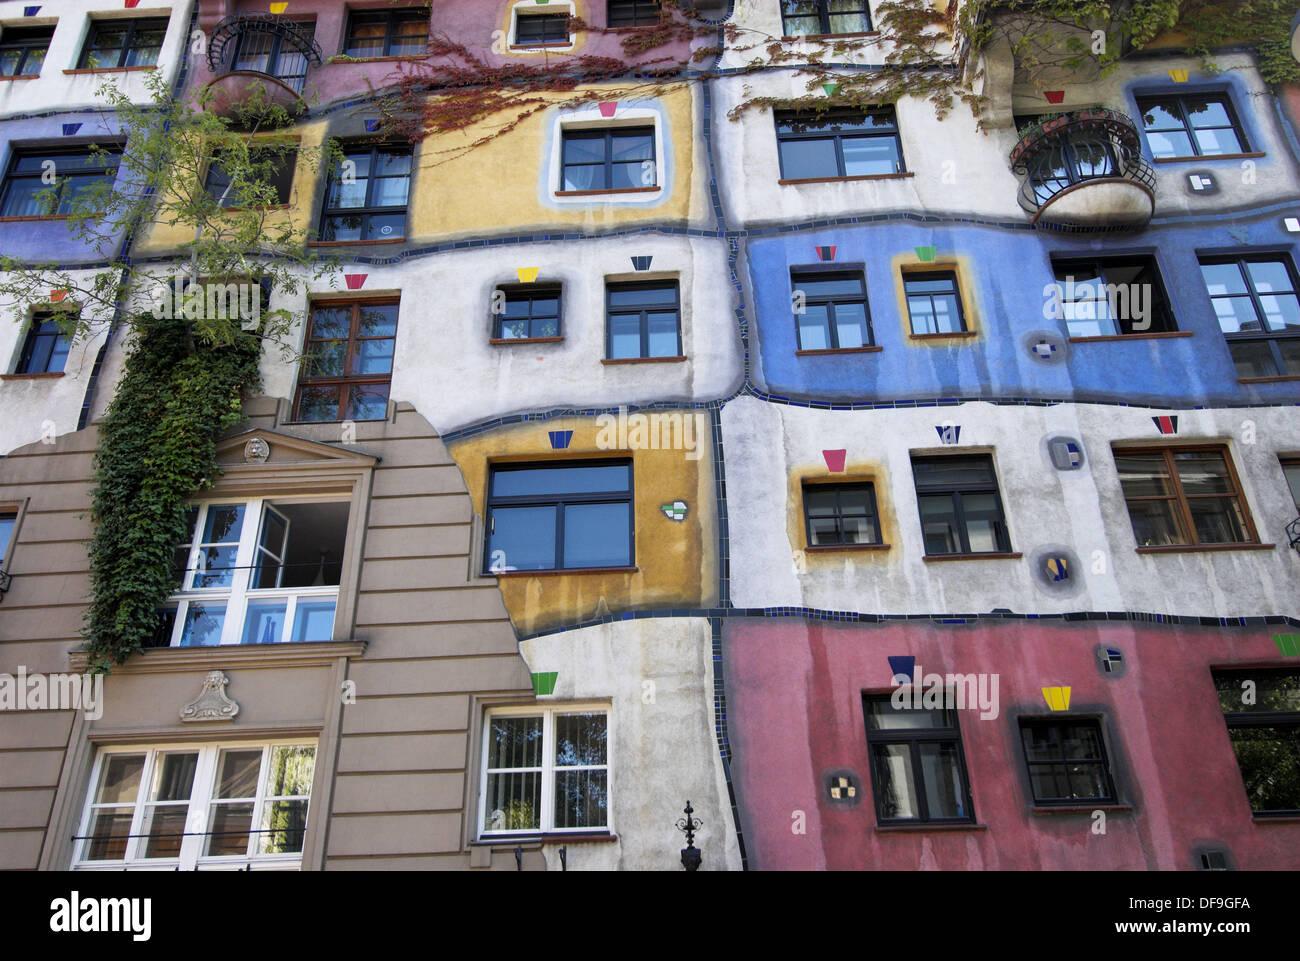 Hundertwasser House Künstlerische Architektur Verschiedene Fenster